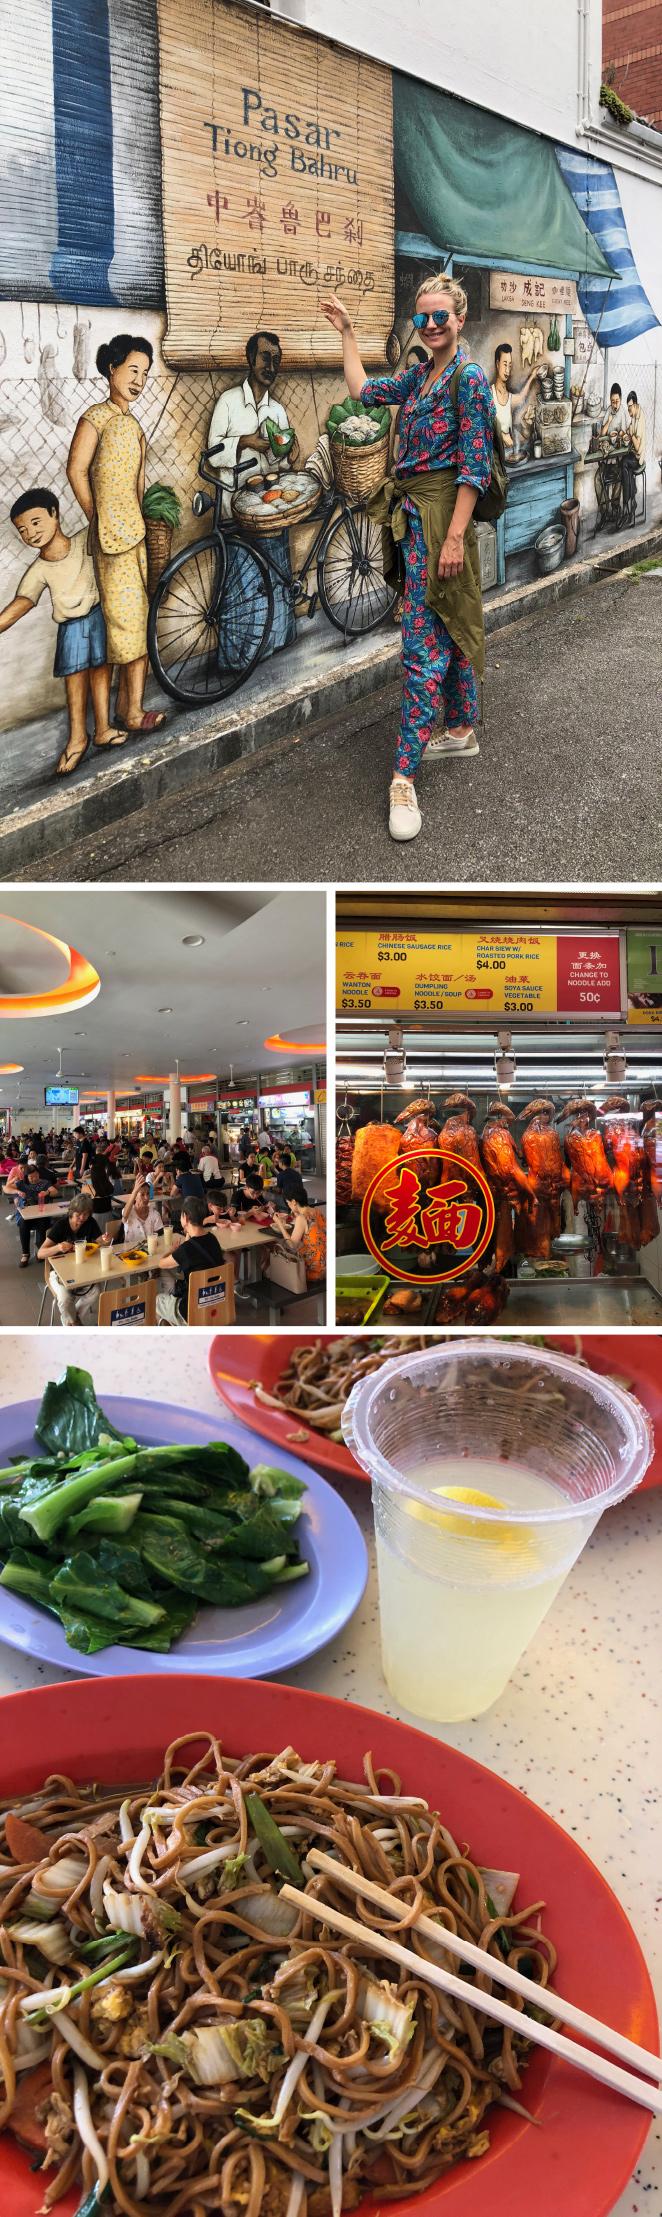 Mercado Tiong Bahru. En Singapur es muy habitual comer en los puestecitos de los mercados y éste es uno de ellos donde hay una amplia variedad de platos típicos para elegir, entre las que destaco el pato braseado. Cuidado con la higiene de los puestos, hay que tener buen ojo para la elección!!